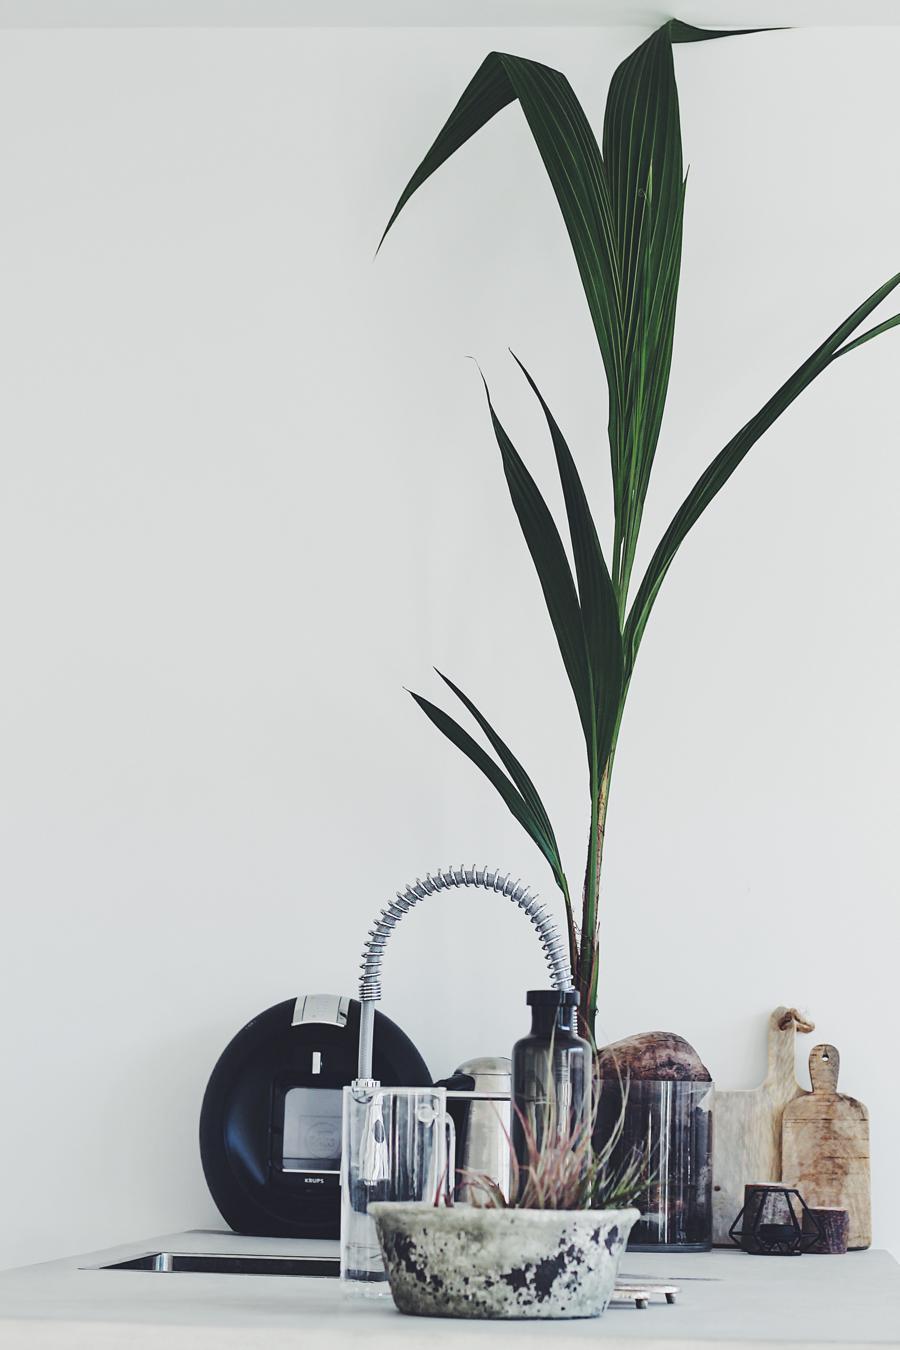 huis daisy keuken